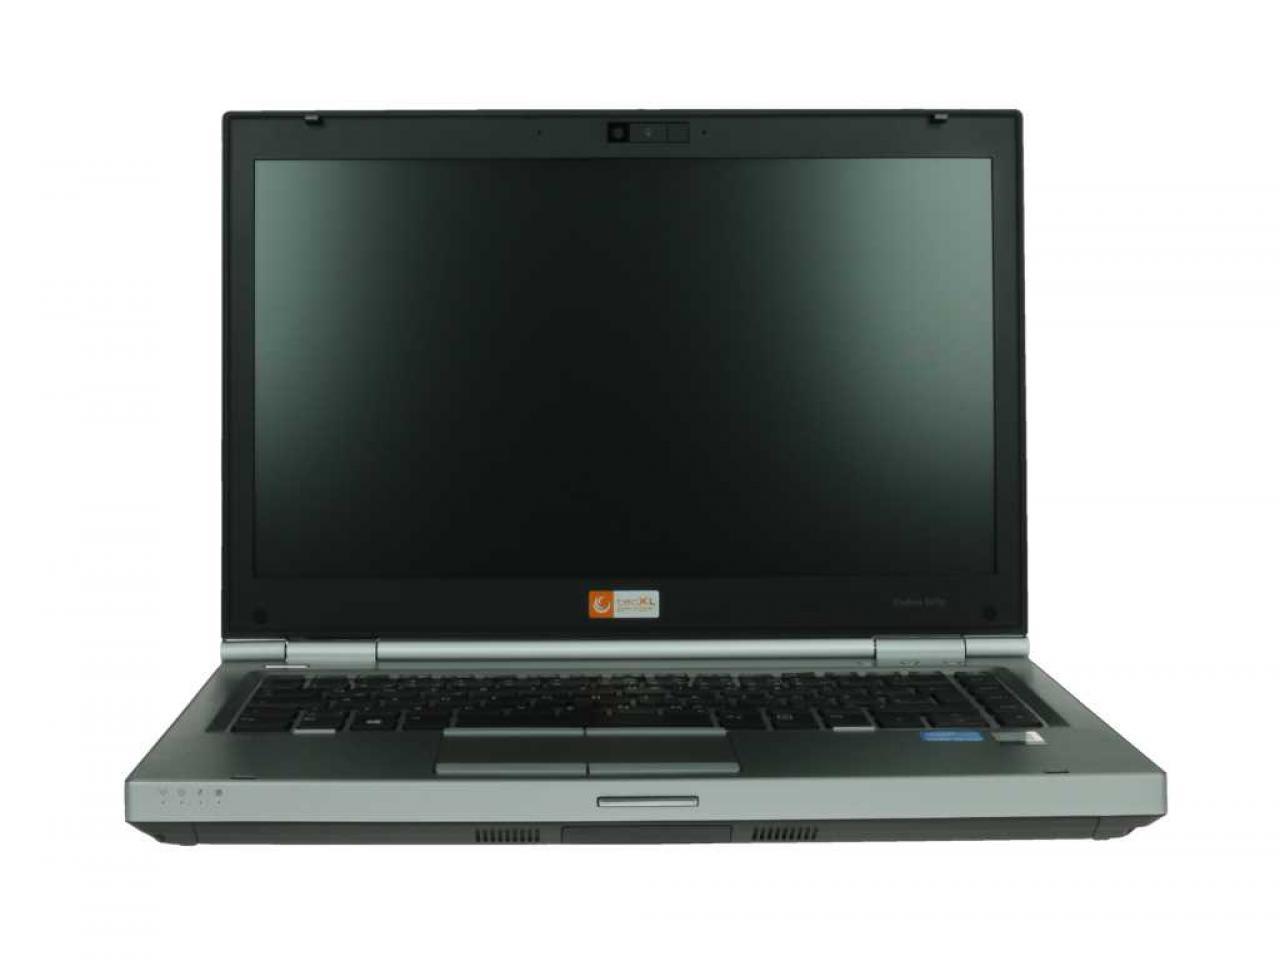 Hewlett Packard EliteBook 8470p  - shop.bb-net.de